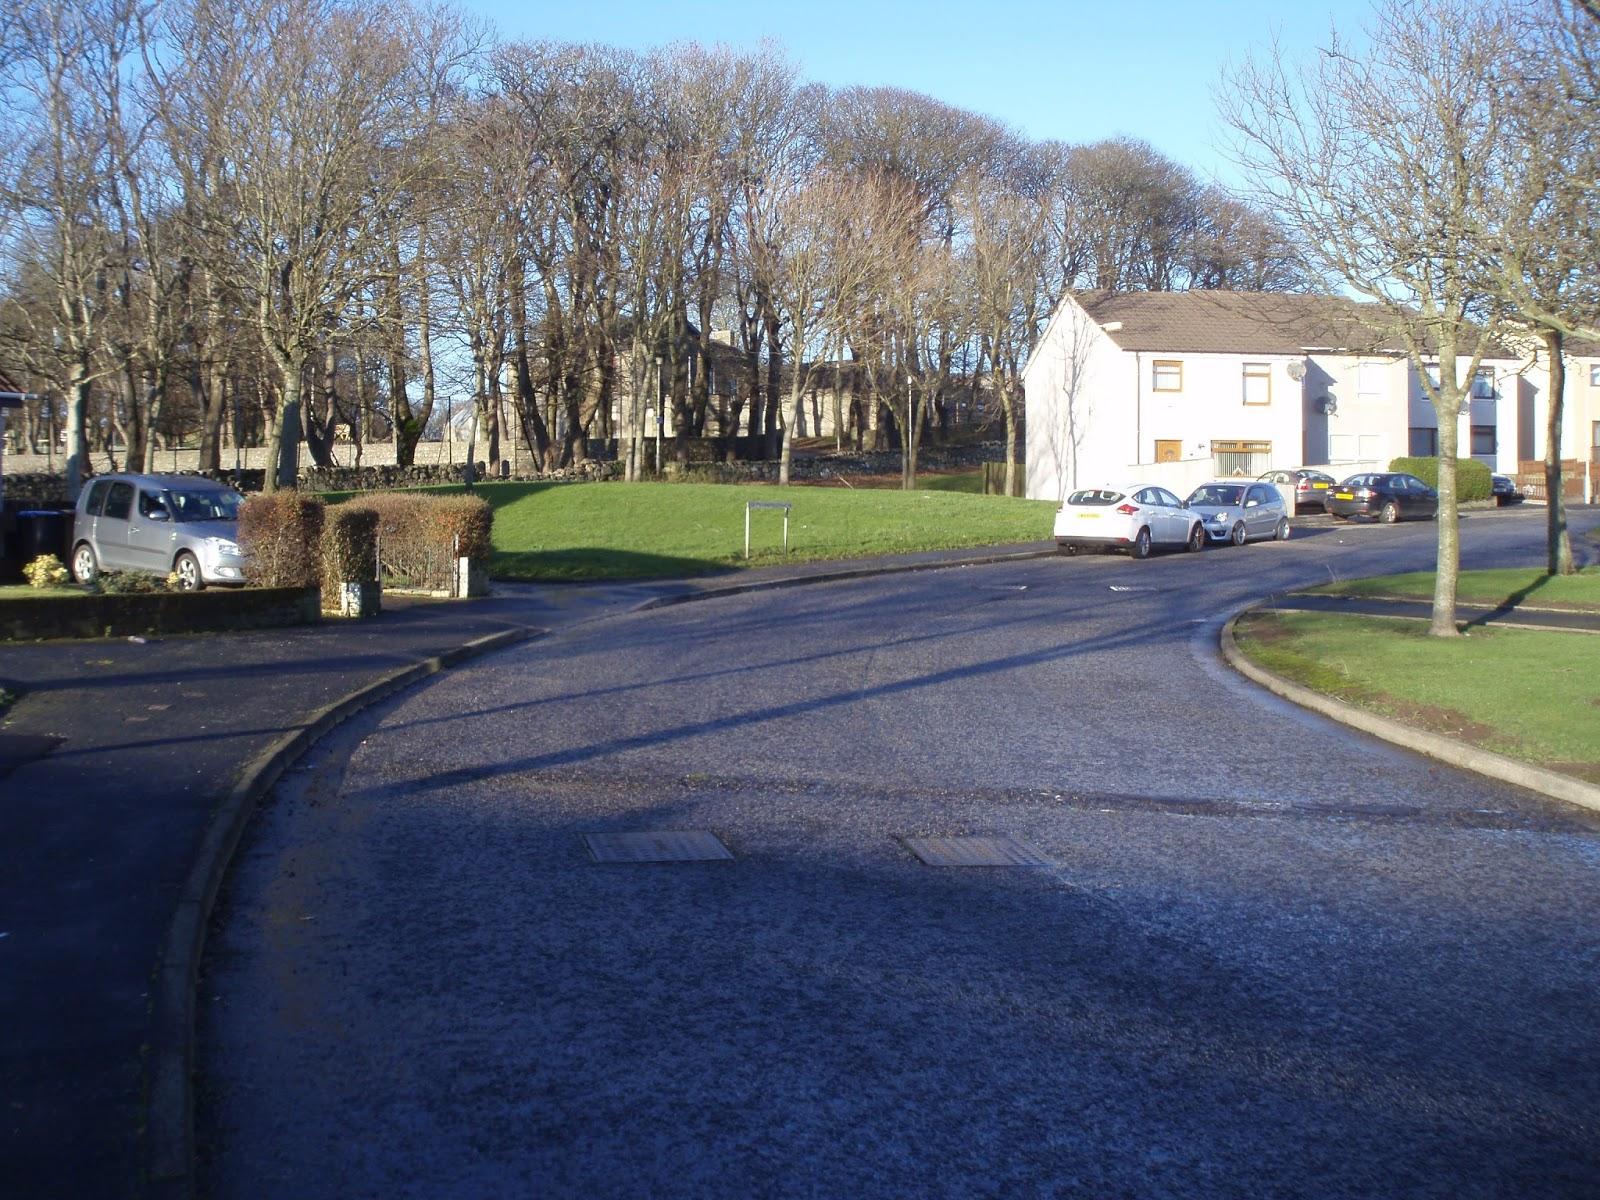 Aberdeen Roof Box Amp Bar Hire Of Altens Aberdeen